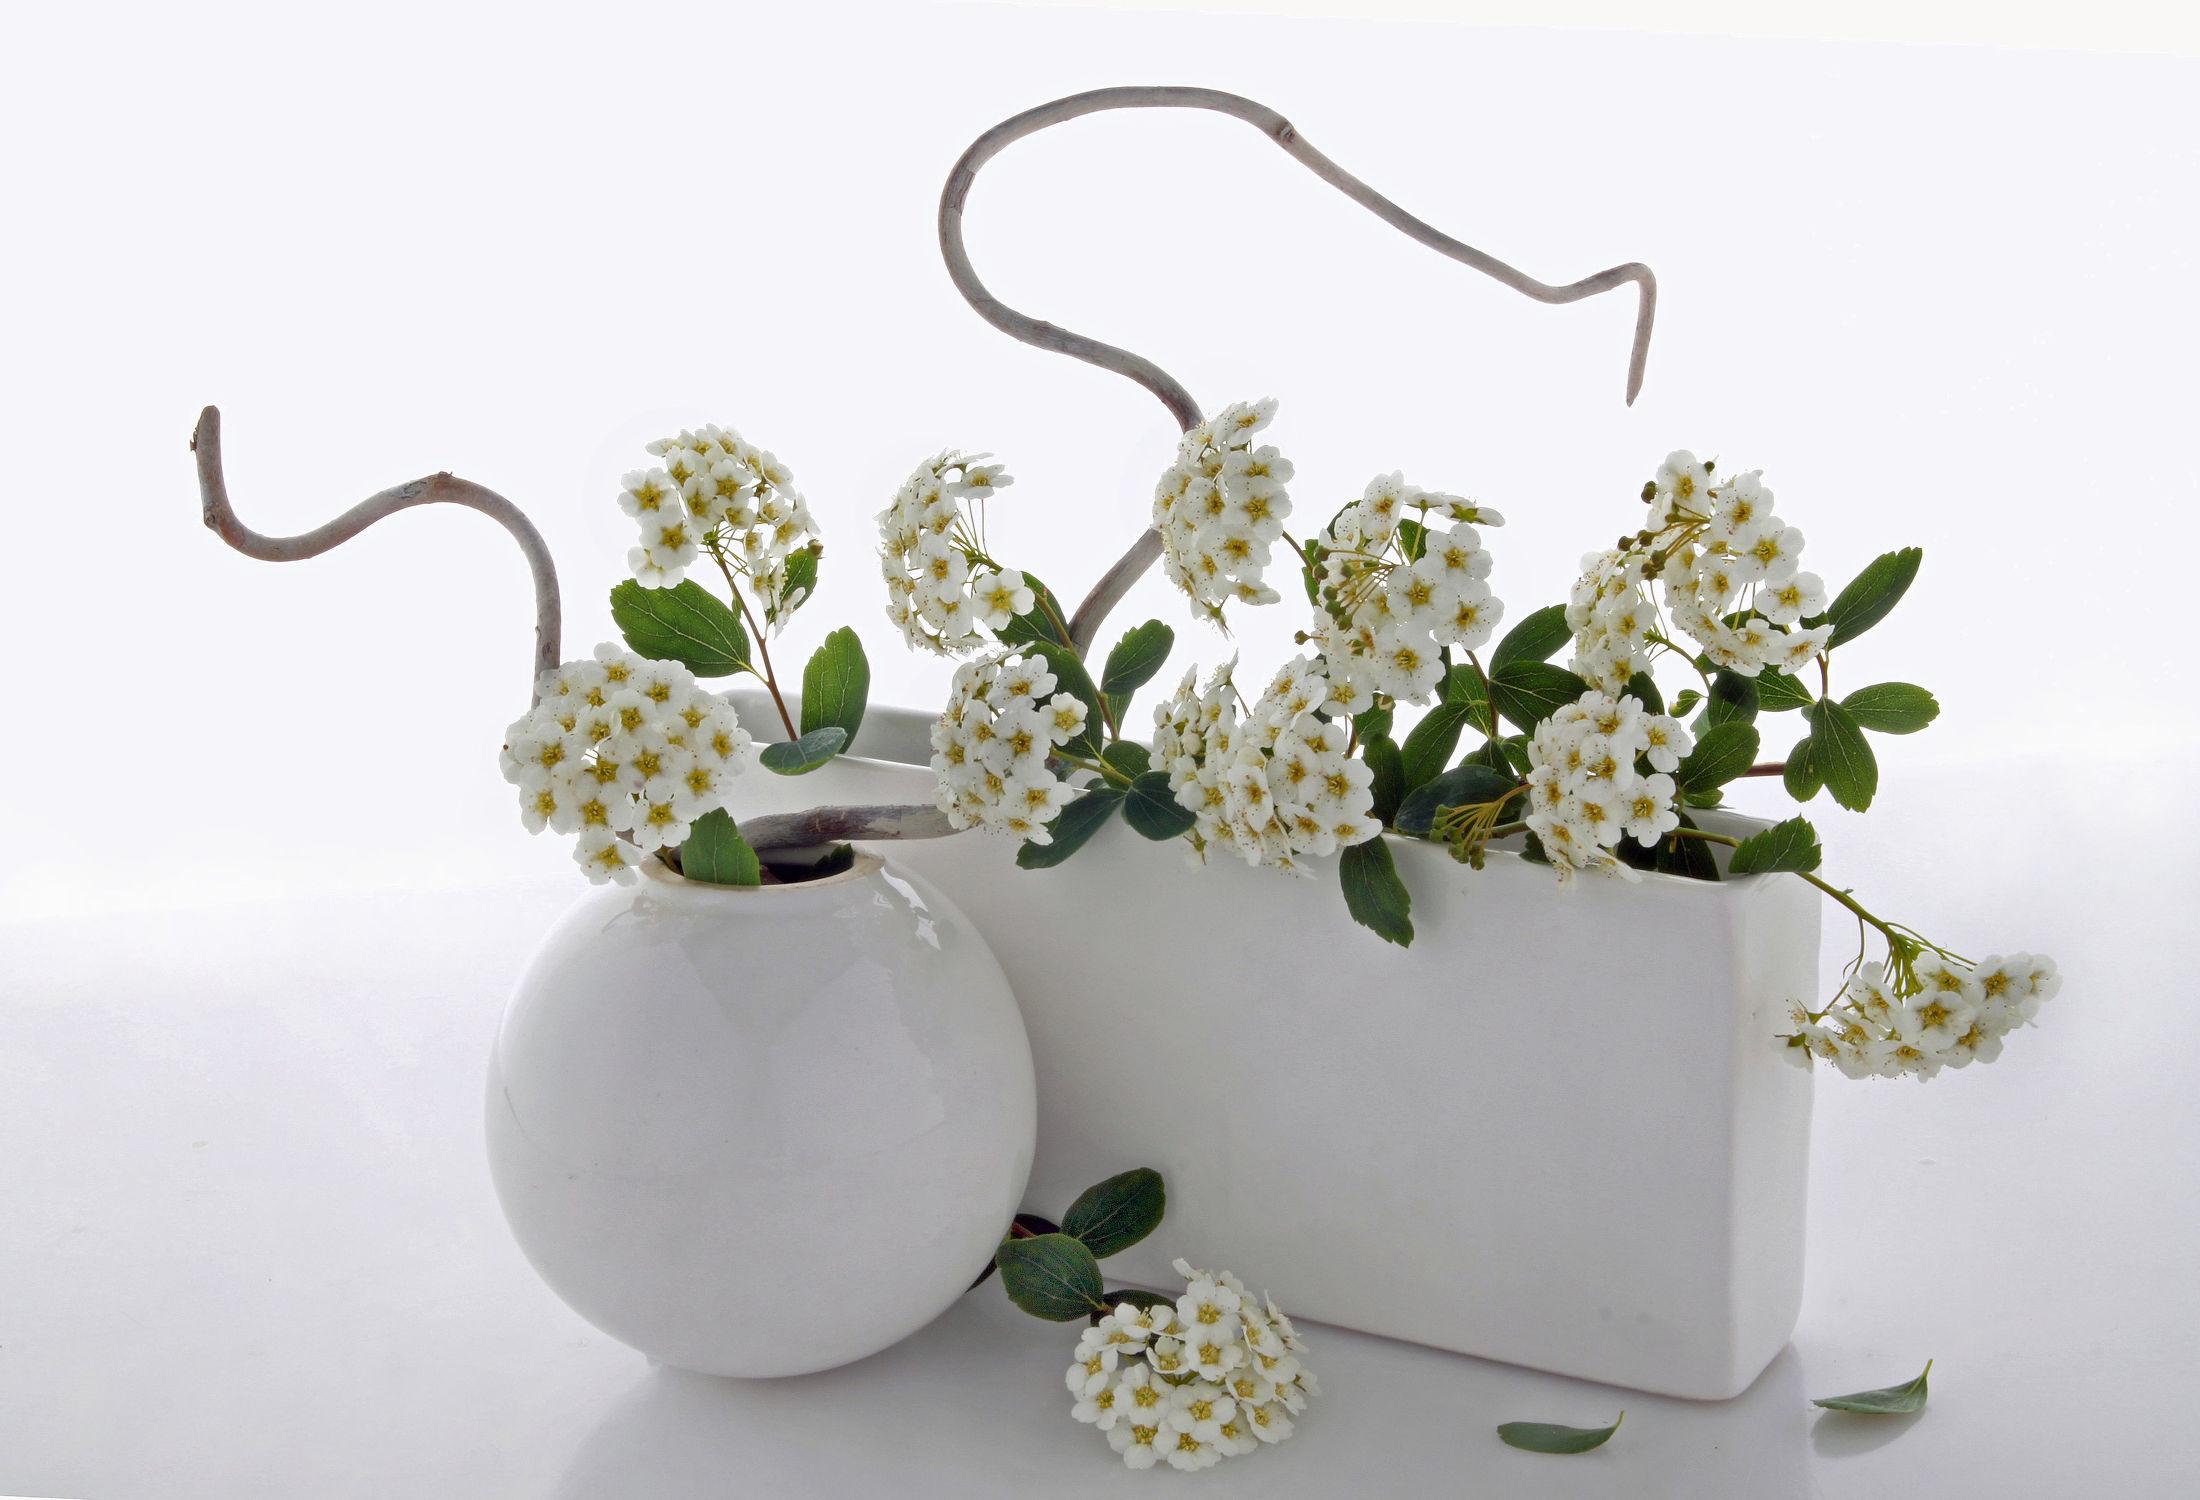 Bild mit Pflanzen, Blumen, Blume, Pflanze, Floral, Flora, Blüten, Florales, Wellness, blüte, Zweige, Zweig, Kugel, zen, vase